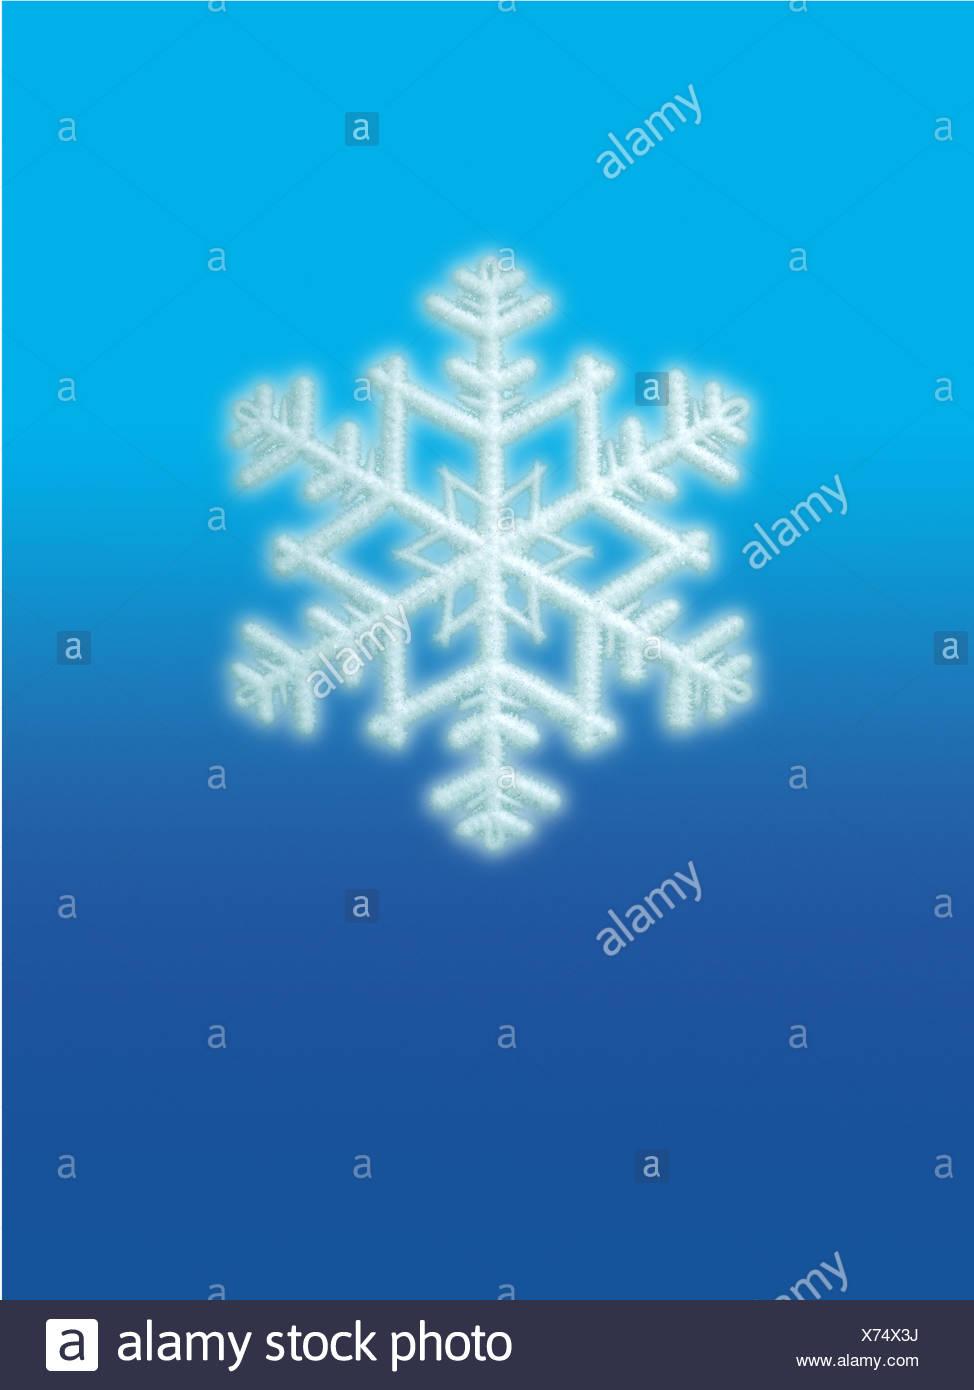 Un unico colore blu il simbolo del fiocco di neve Immagini Stock